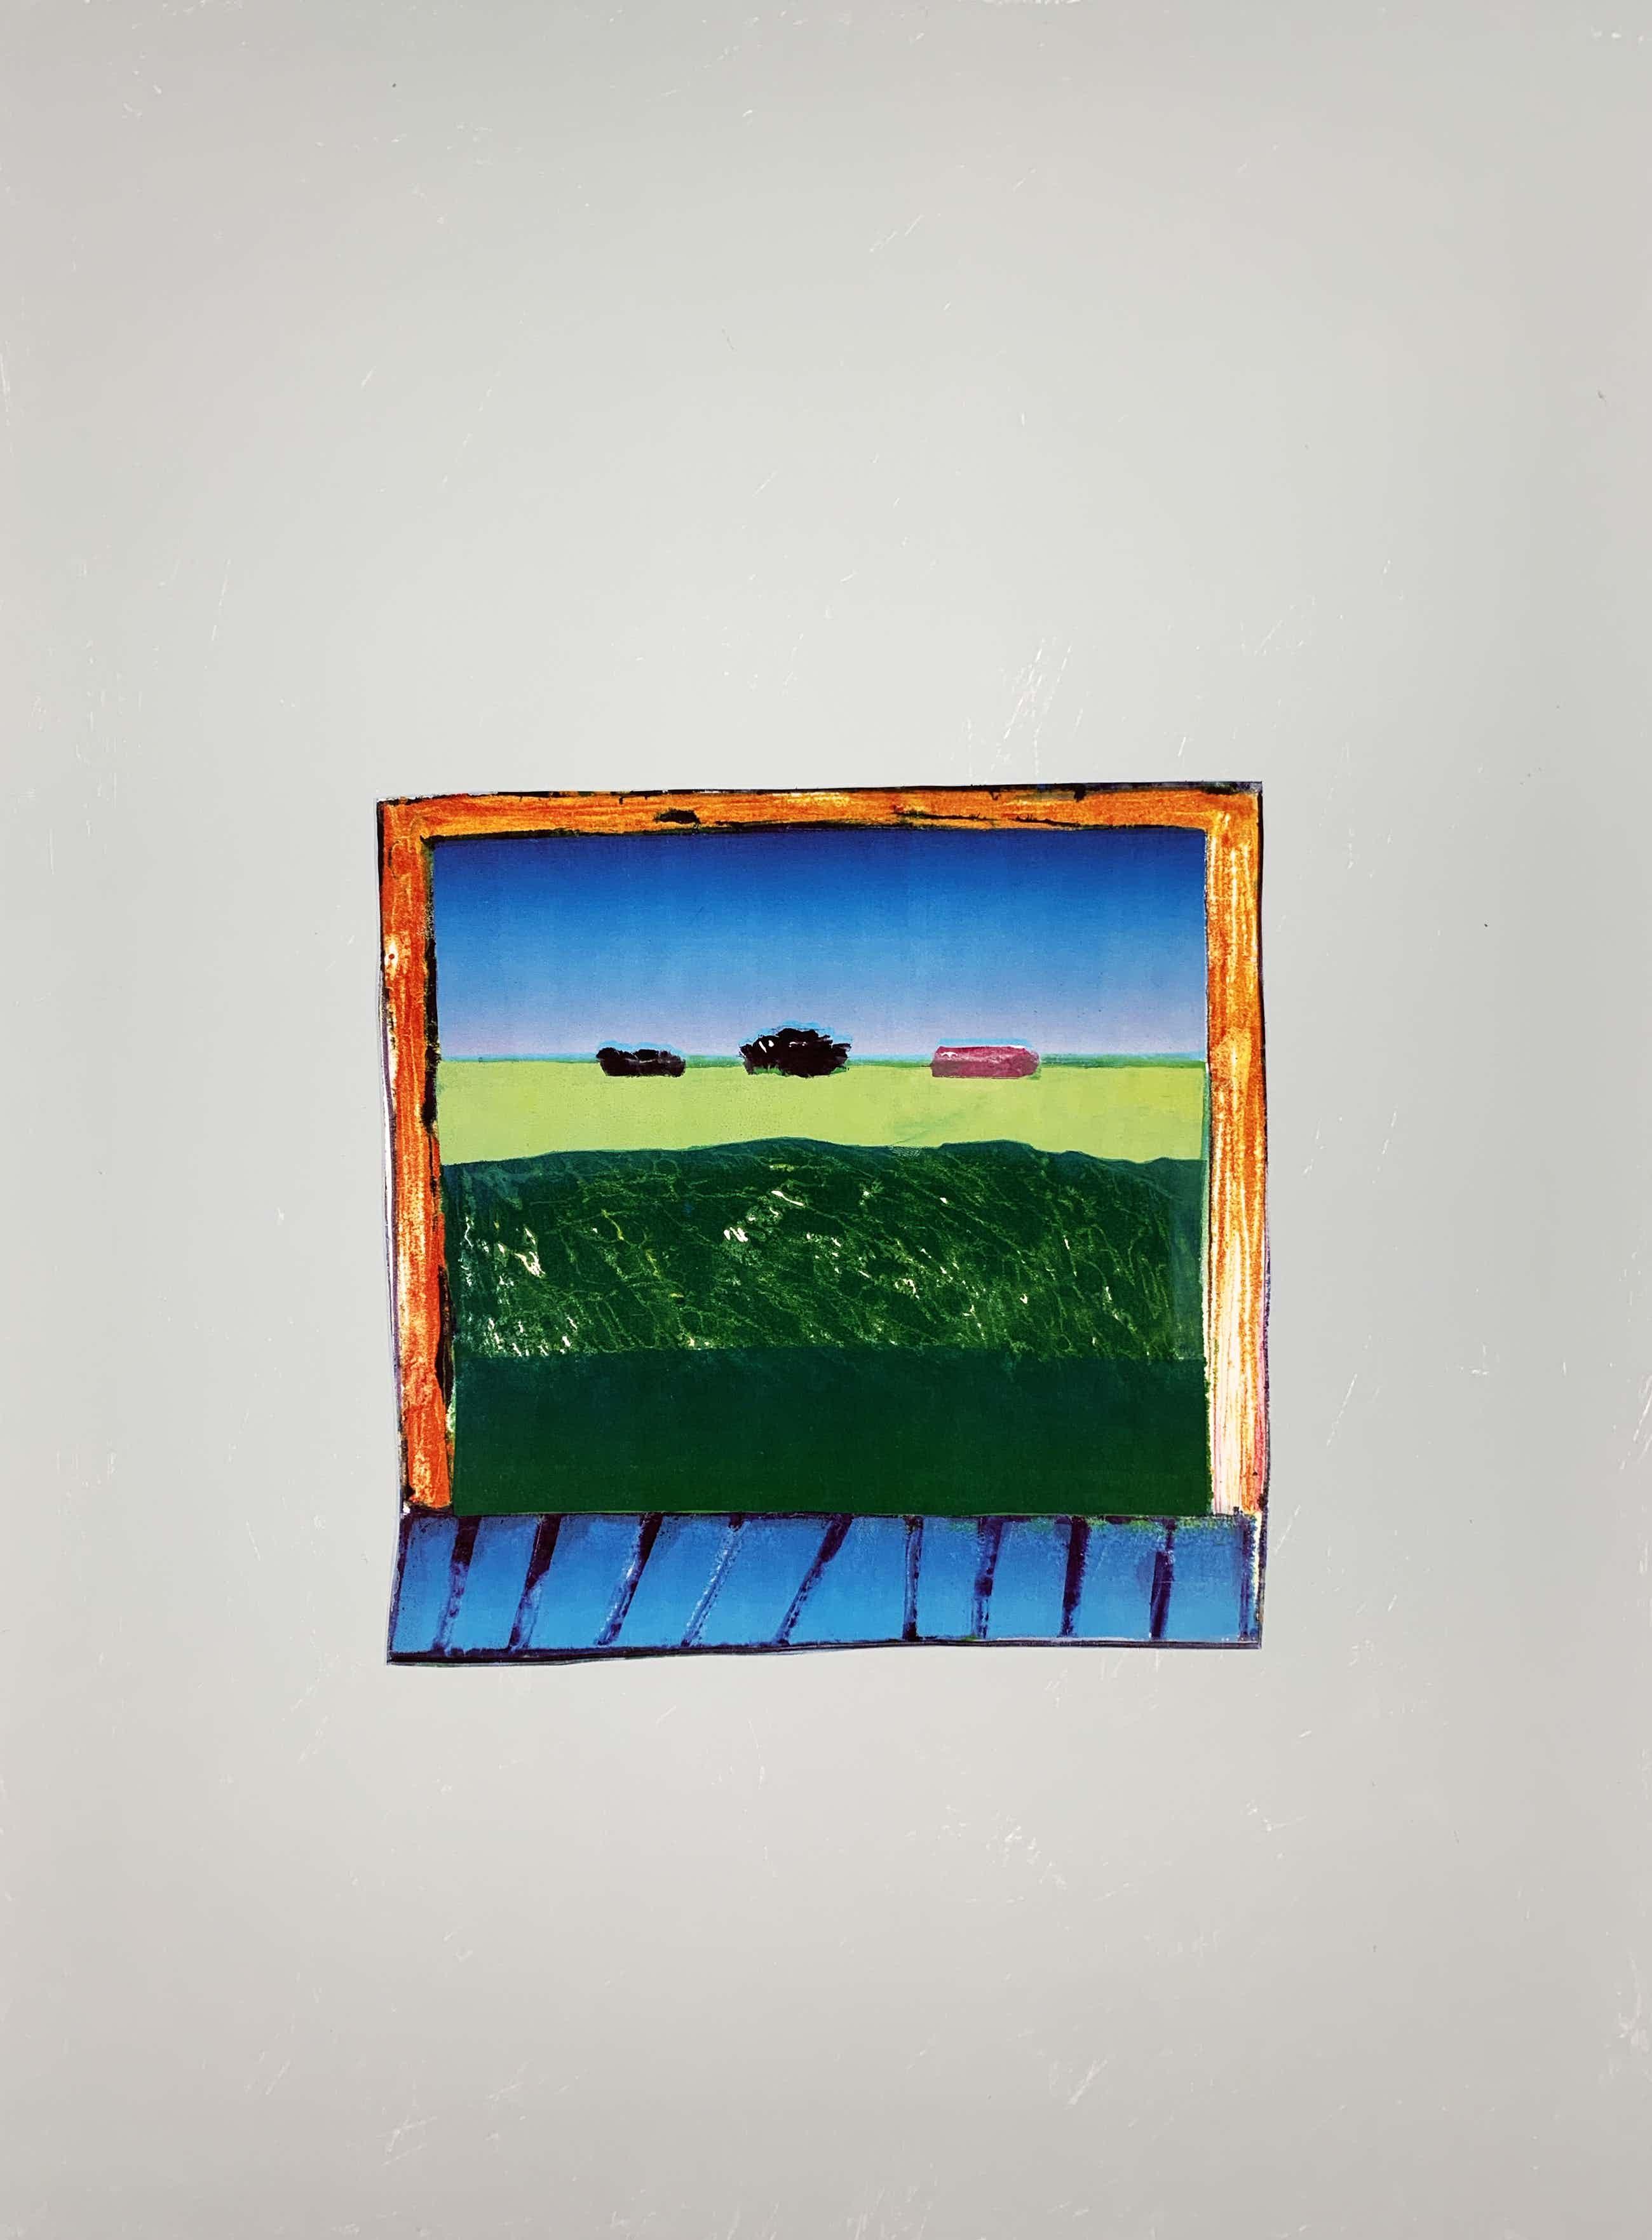 Harrie Gerritz - kleurenzeefdruk - 'Klein venster' - 1982 kopen? Bied vanaf 80!